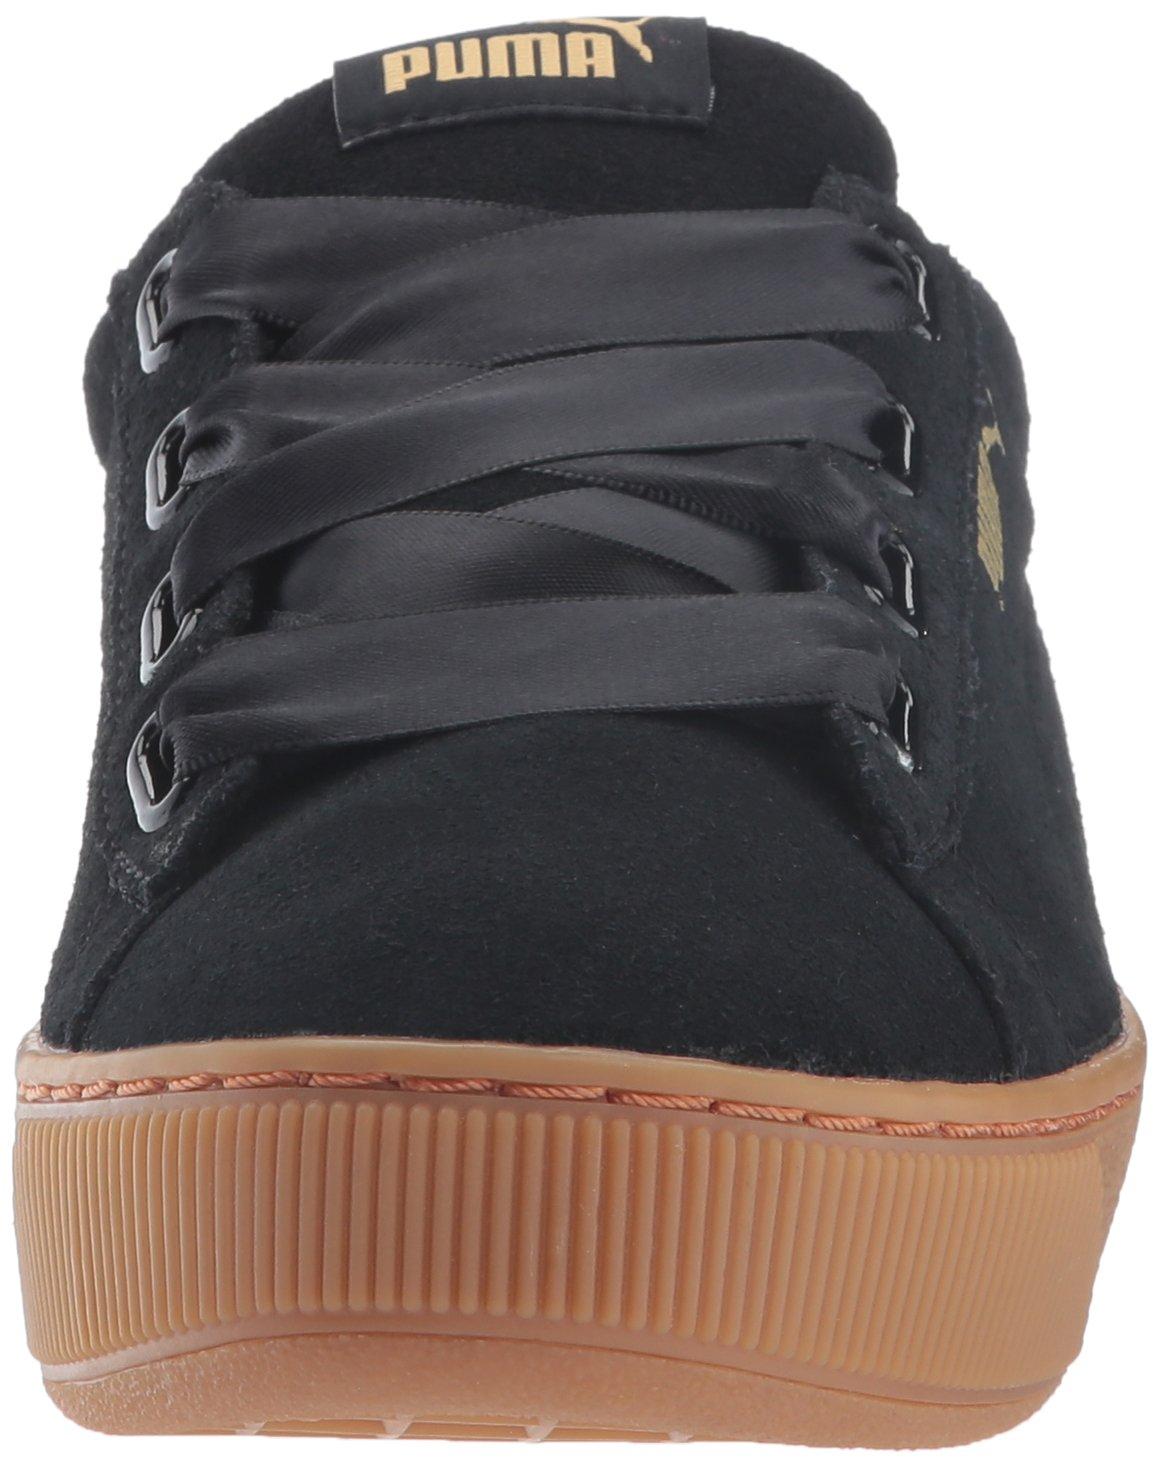 b7abad92e009 ... PUMA Women s Vikky Platform Ribbon Ribbon Ribbon Sneaker B01MZ09L02 7.5  M US